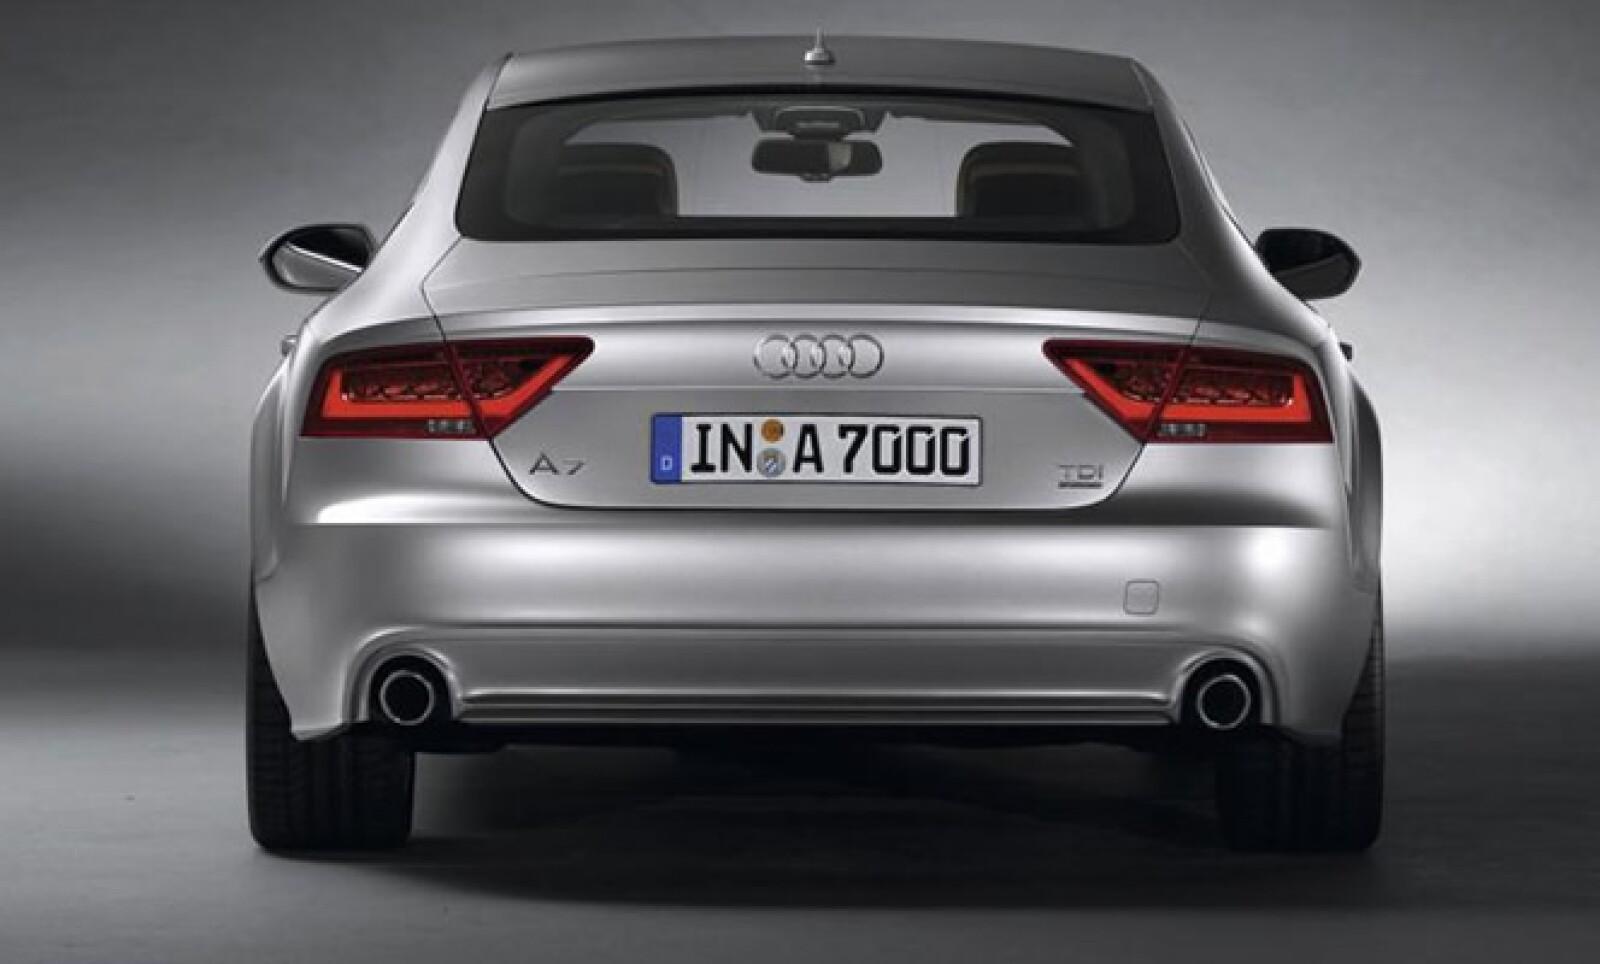 El modelo se ubica como un competidor frontal de otros productos teutones como el Mercedes Benz CLS y el BMW Serie 5 GT.